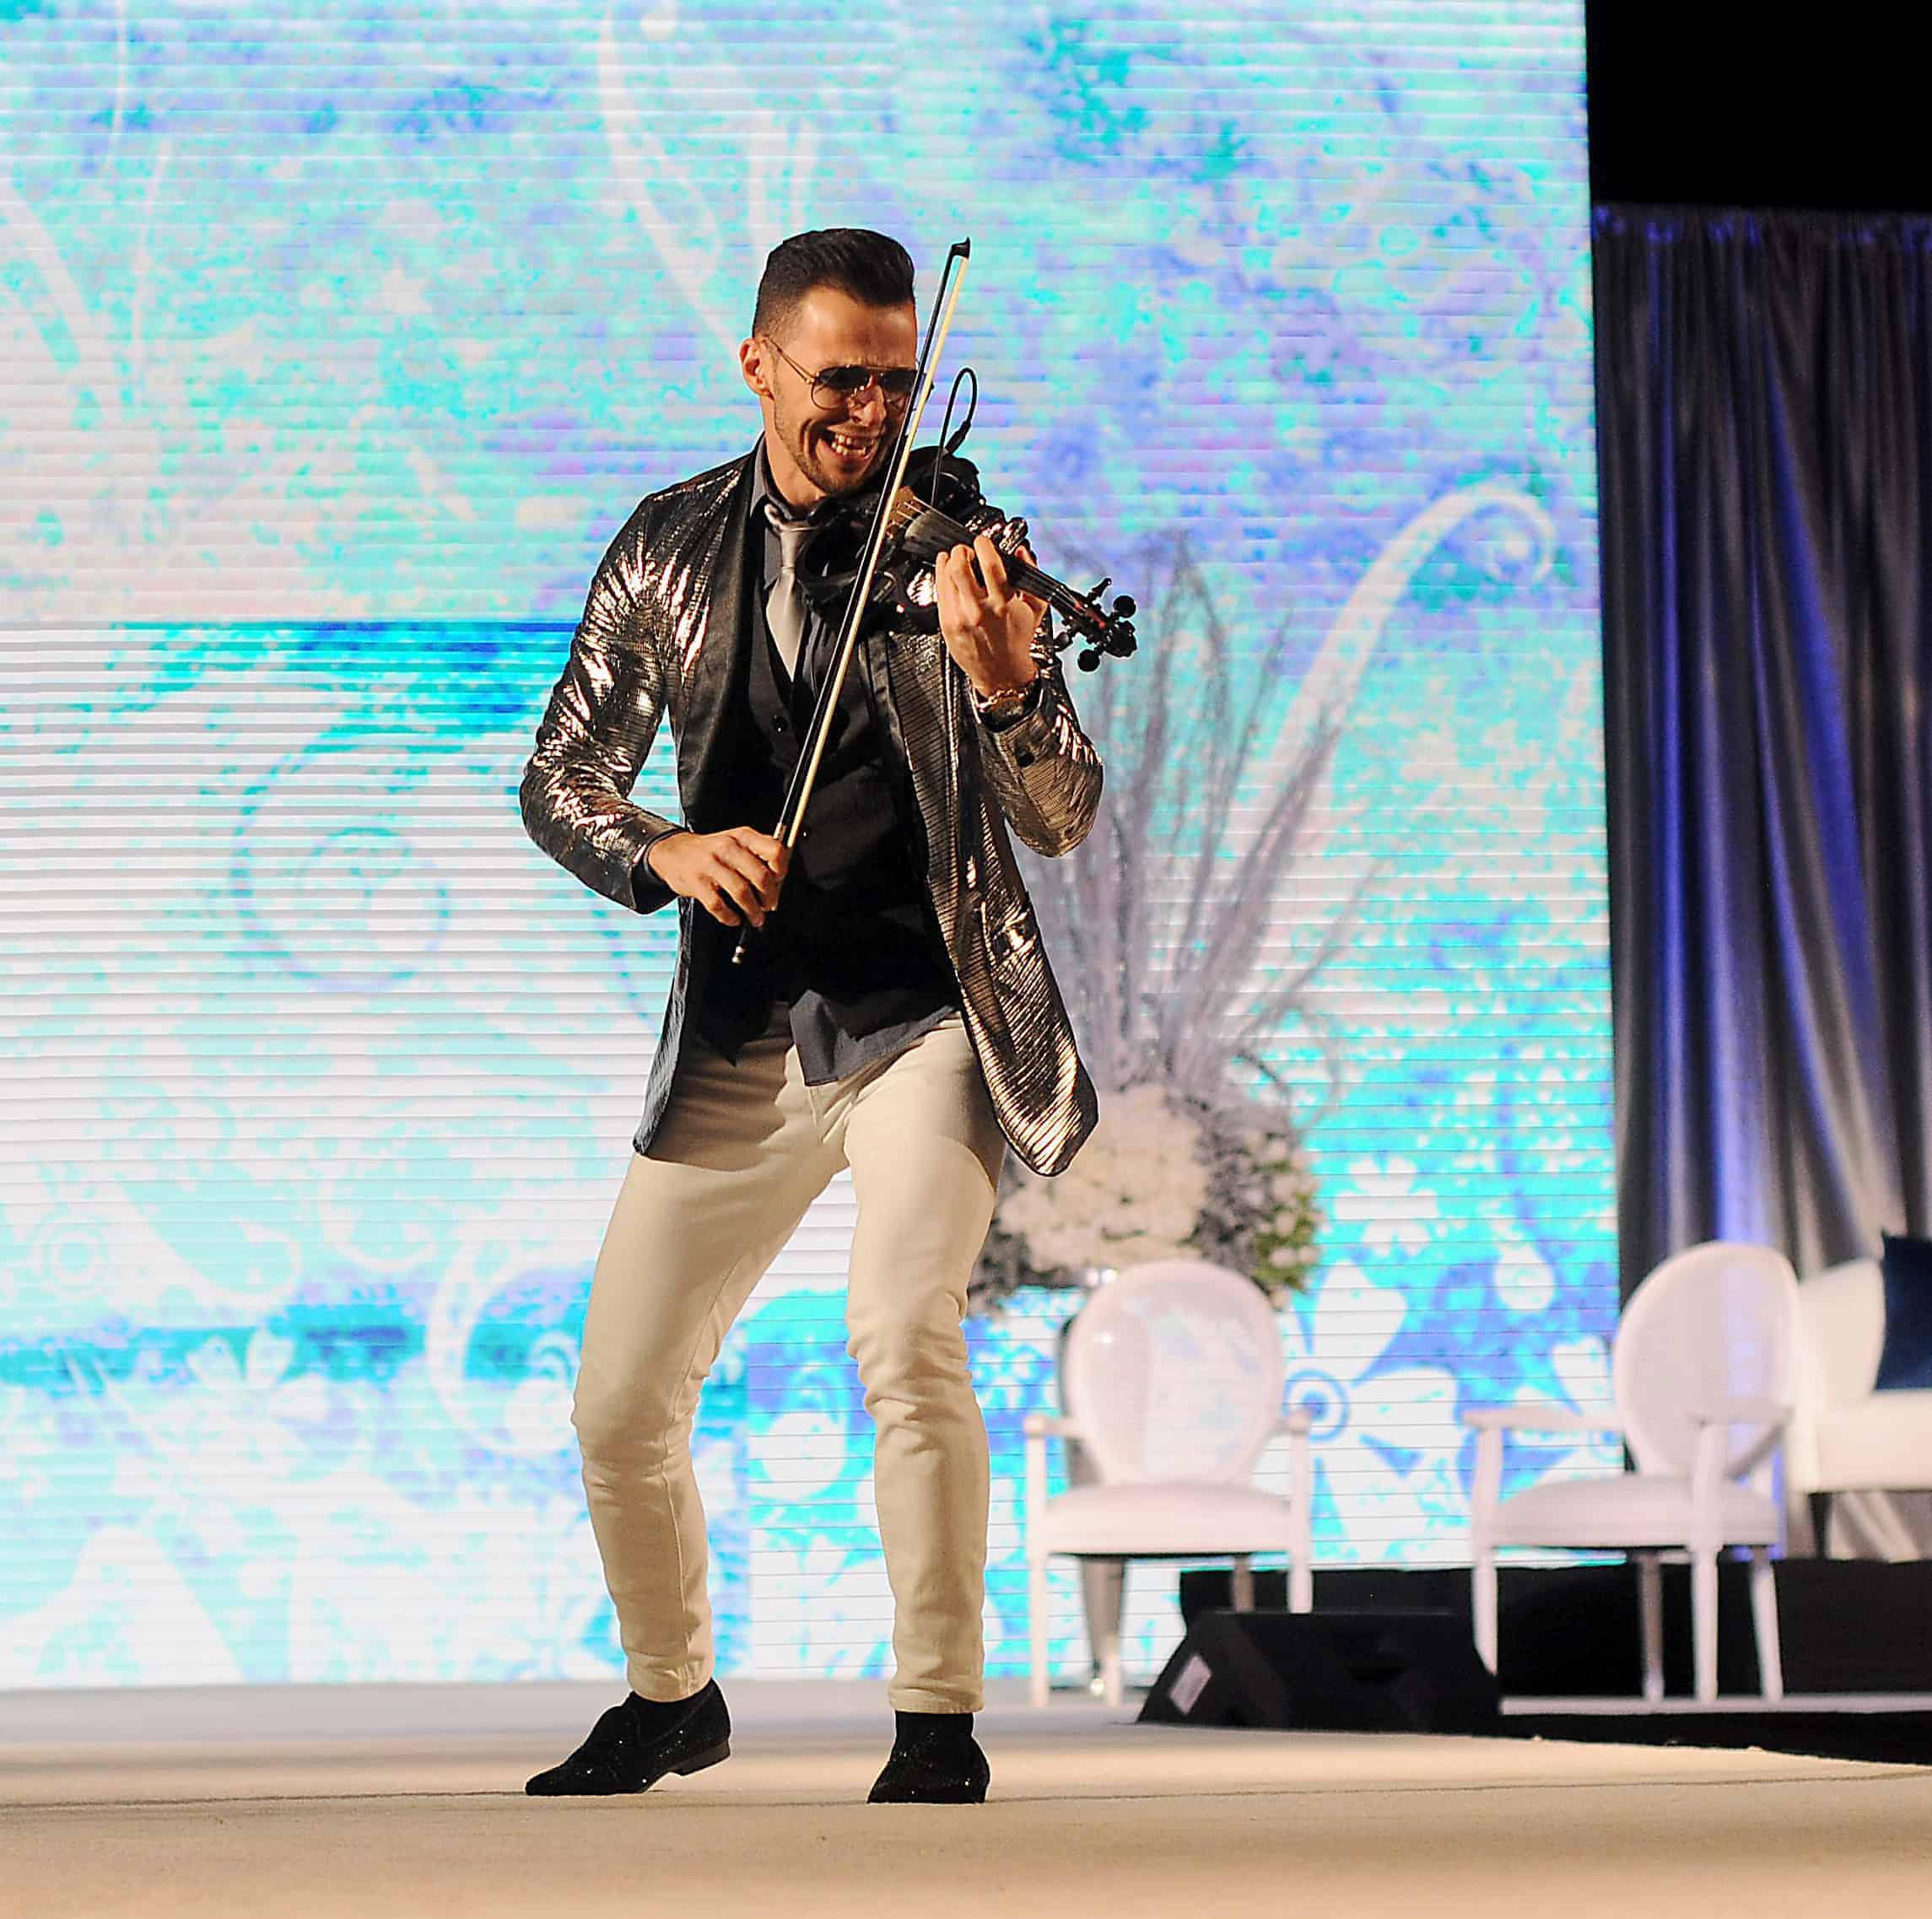 Svet performing